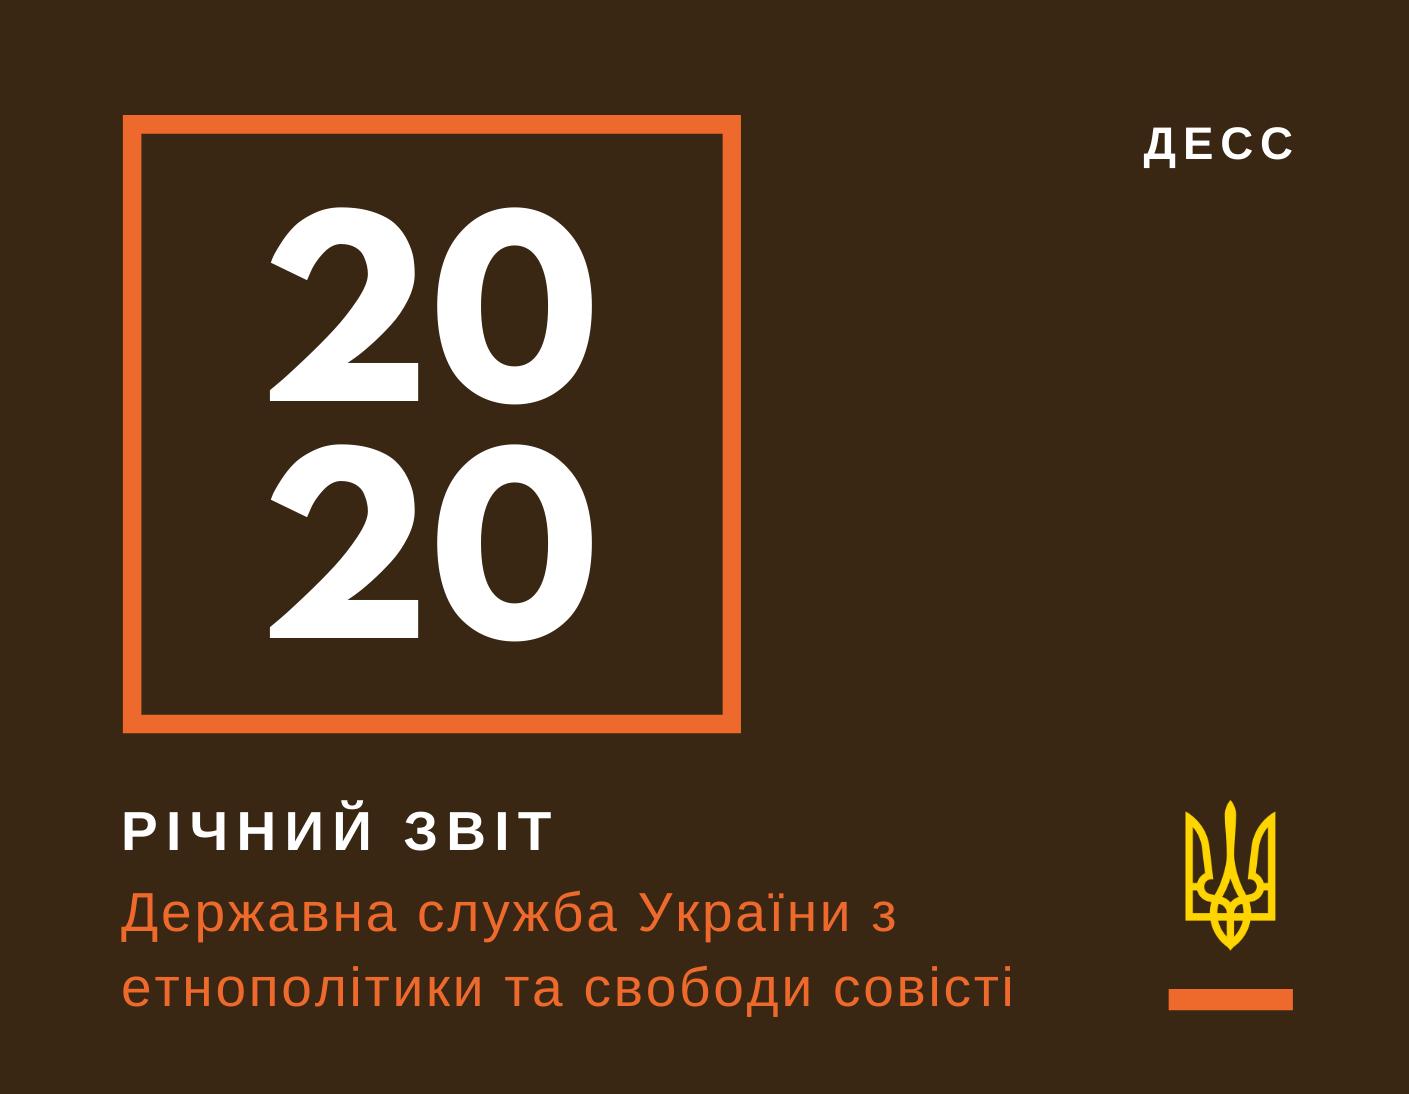 Публічний звіт Голови ДЕСС Олени Богдан за 2020 рік: 24 лютого о 15:00 в інформаційному агентстві «Укрінформ»